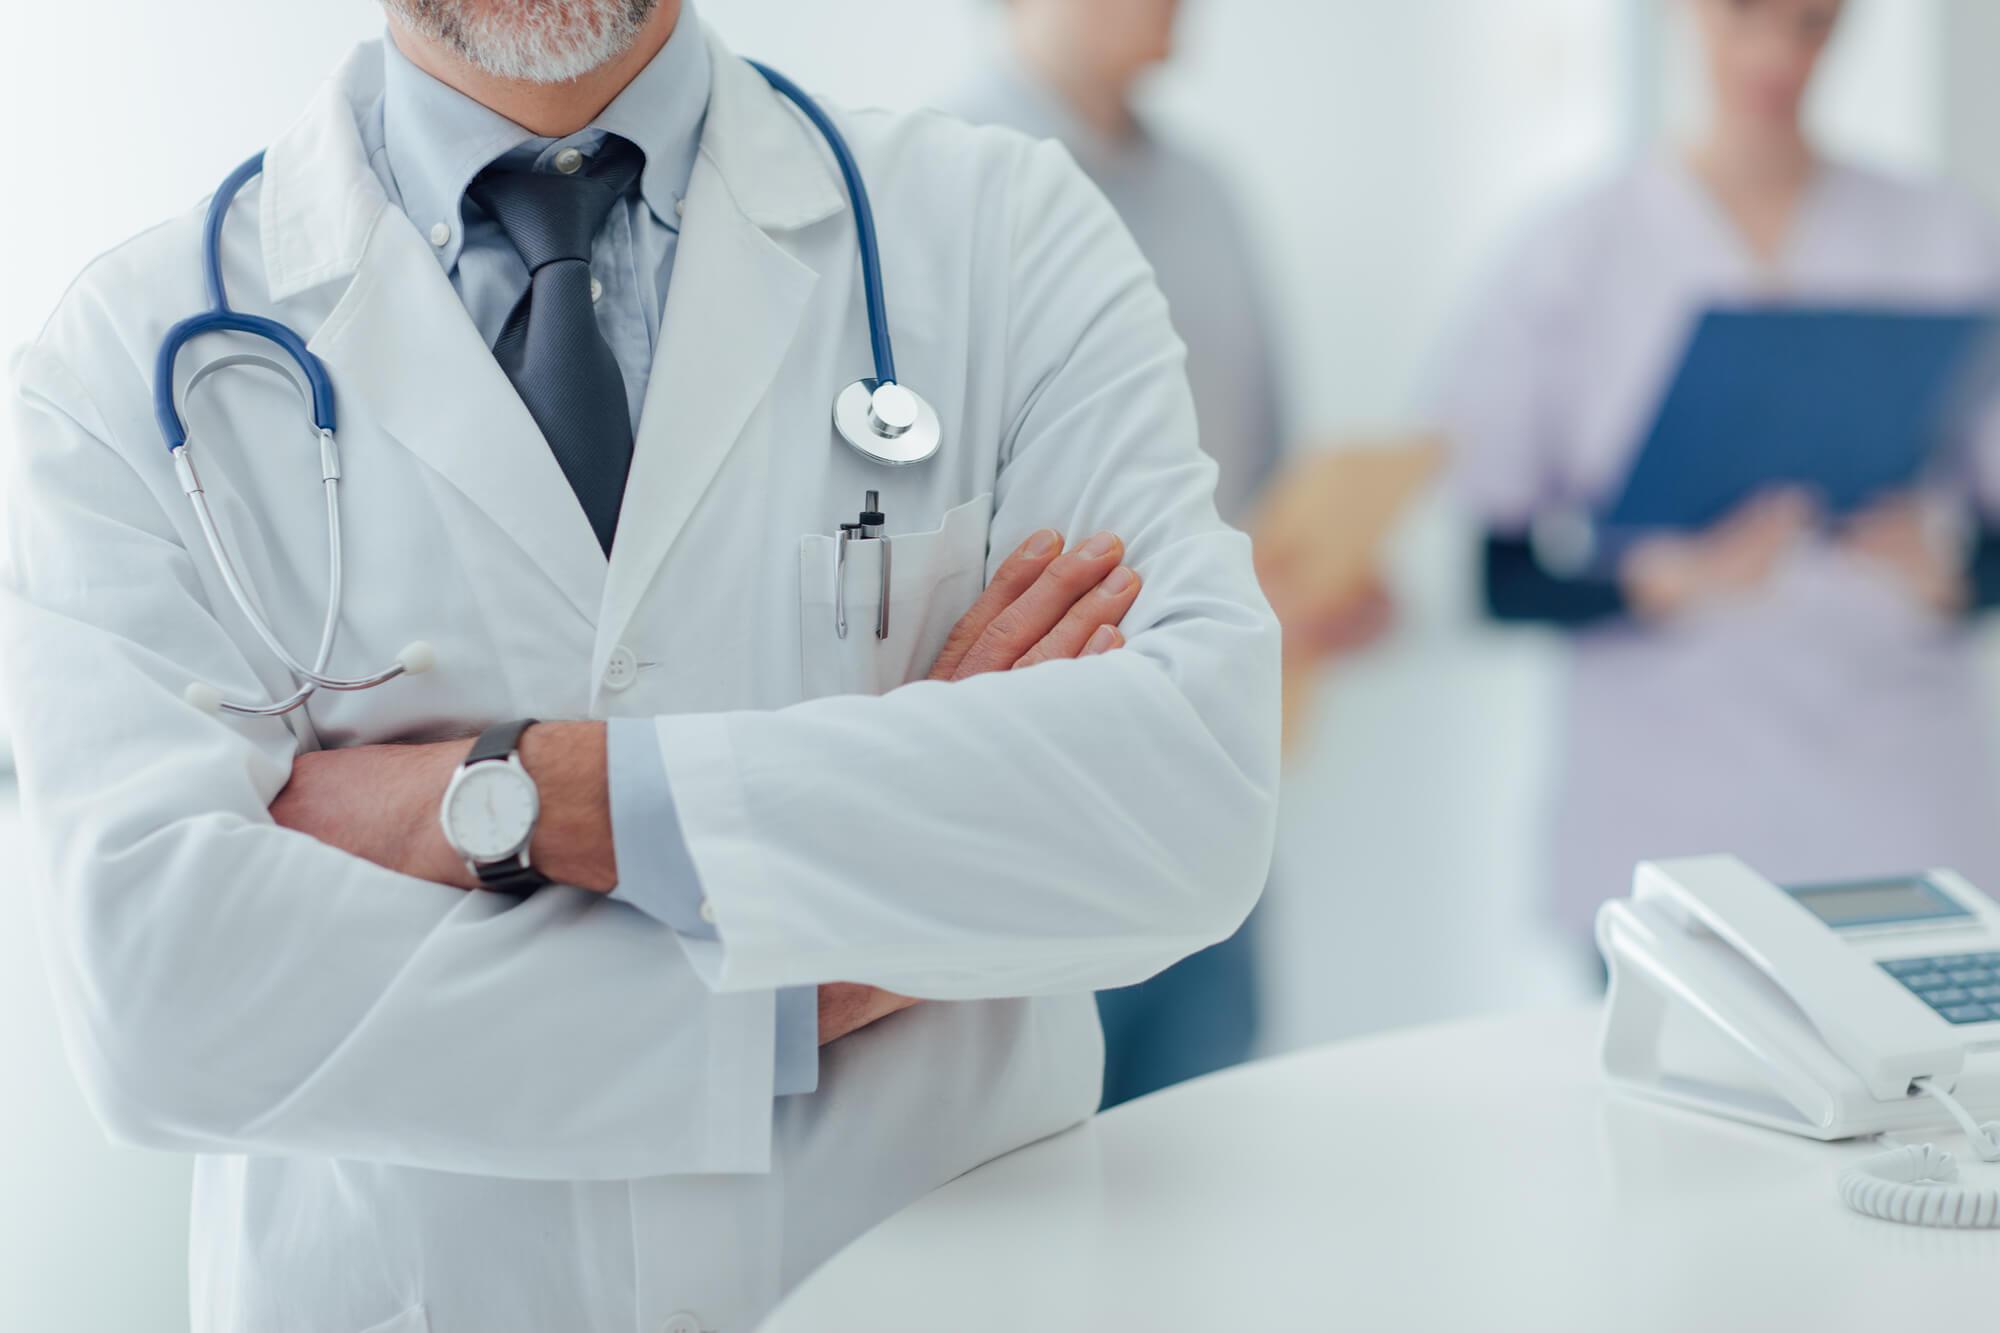 输卵管积水的病因症状及检查方法